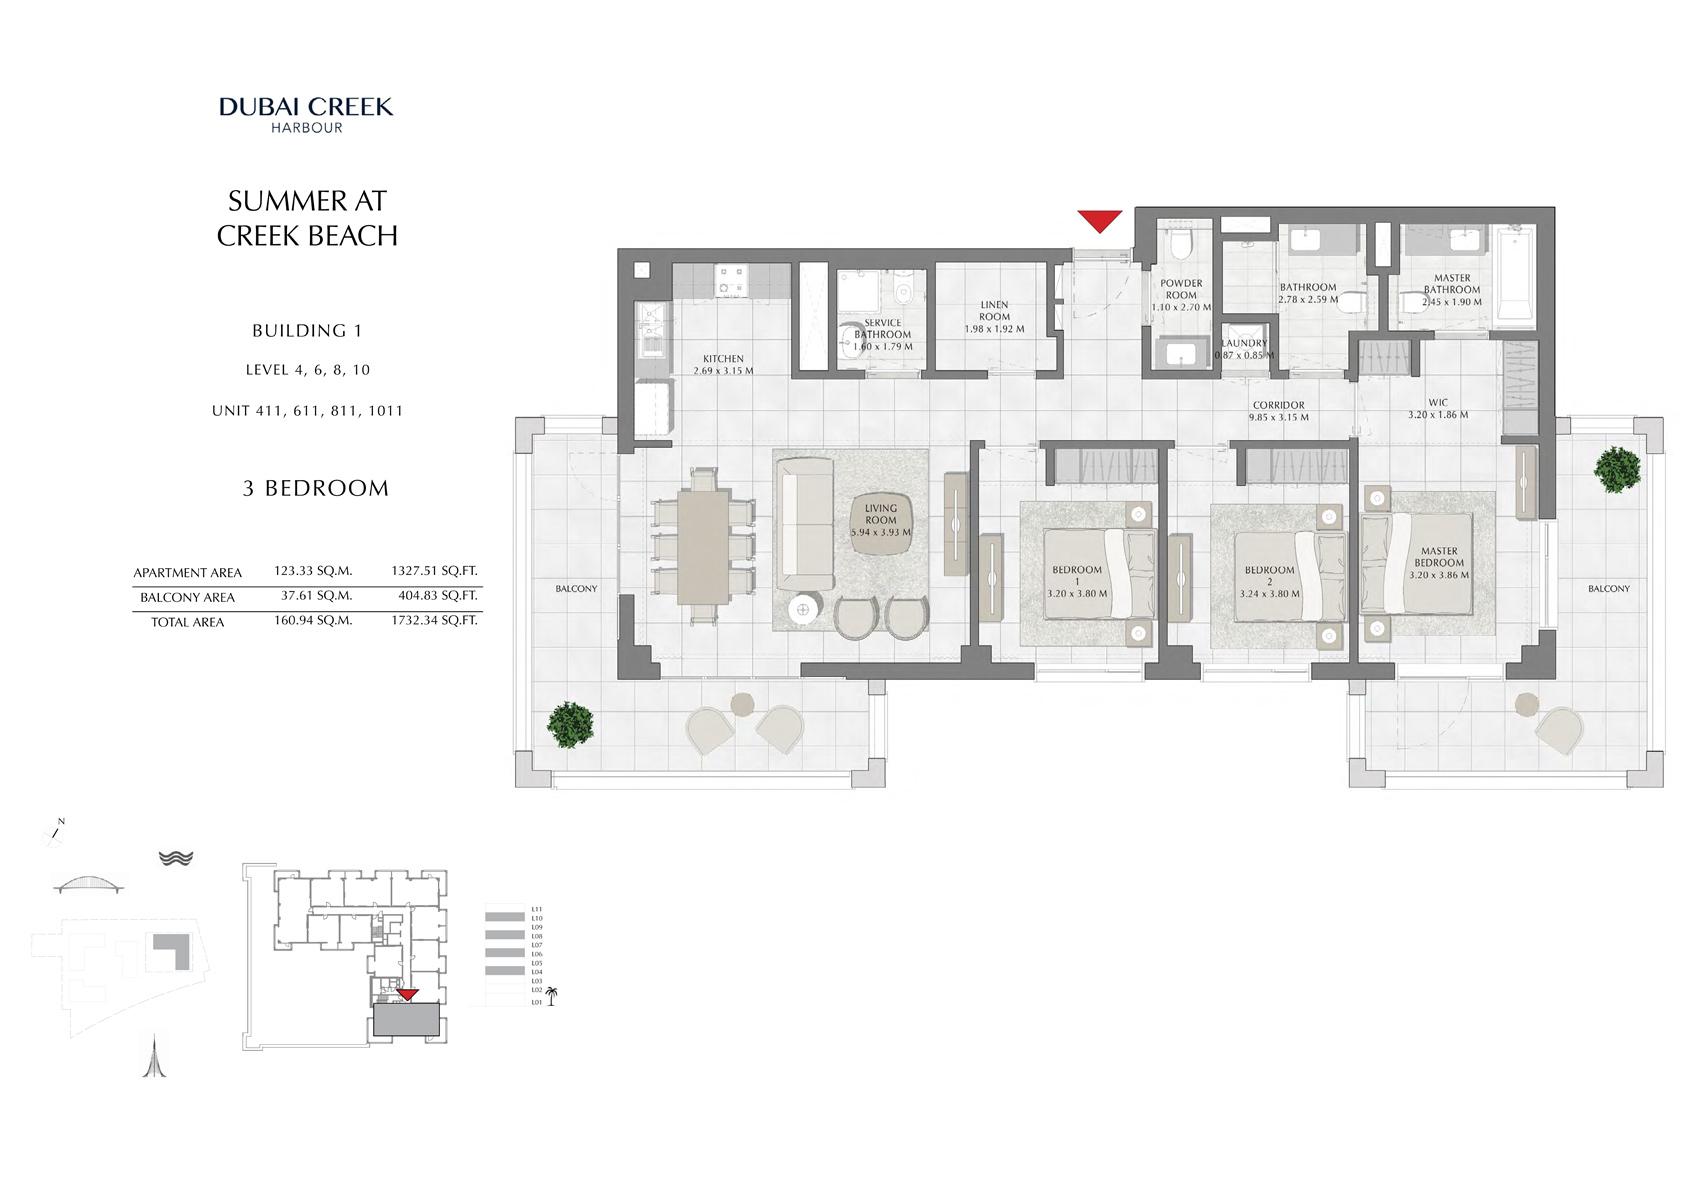 3 Br Building 1 Level-4-6-8-10 Unit 411-611-811-1011, Size 1732 Sq Ft